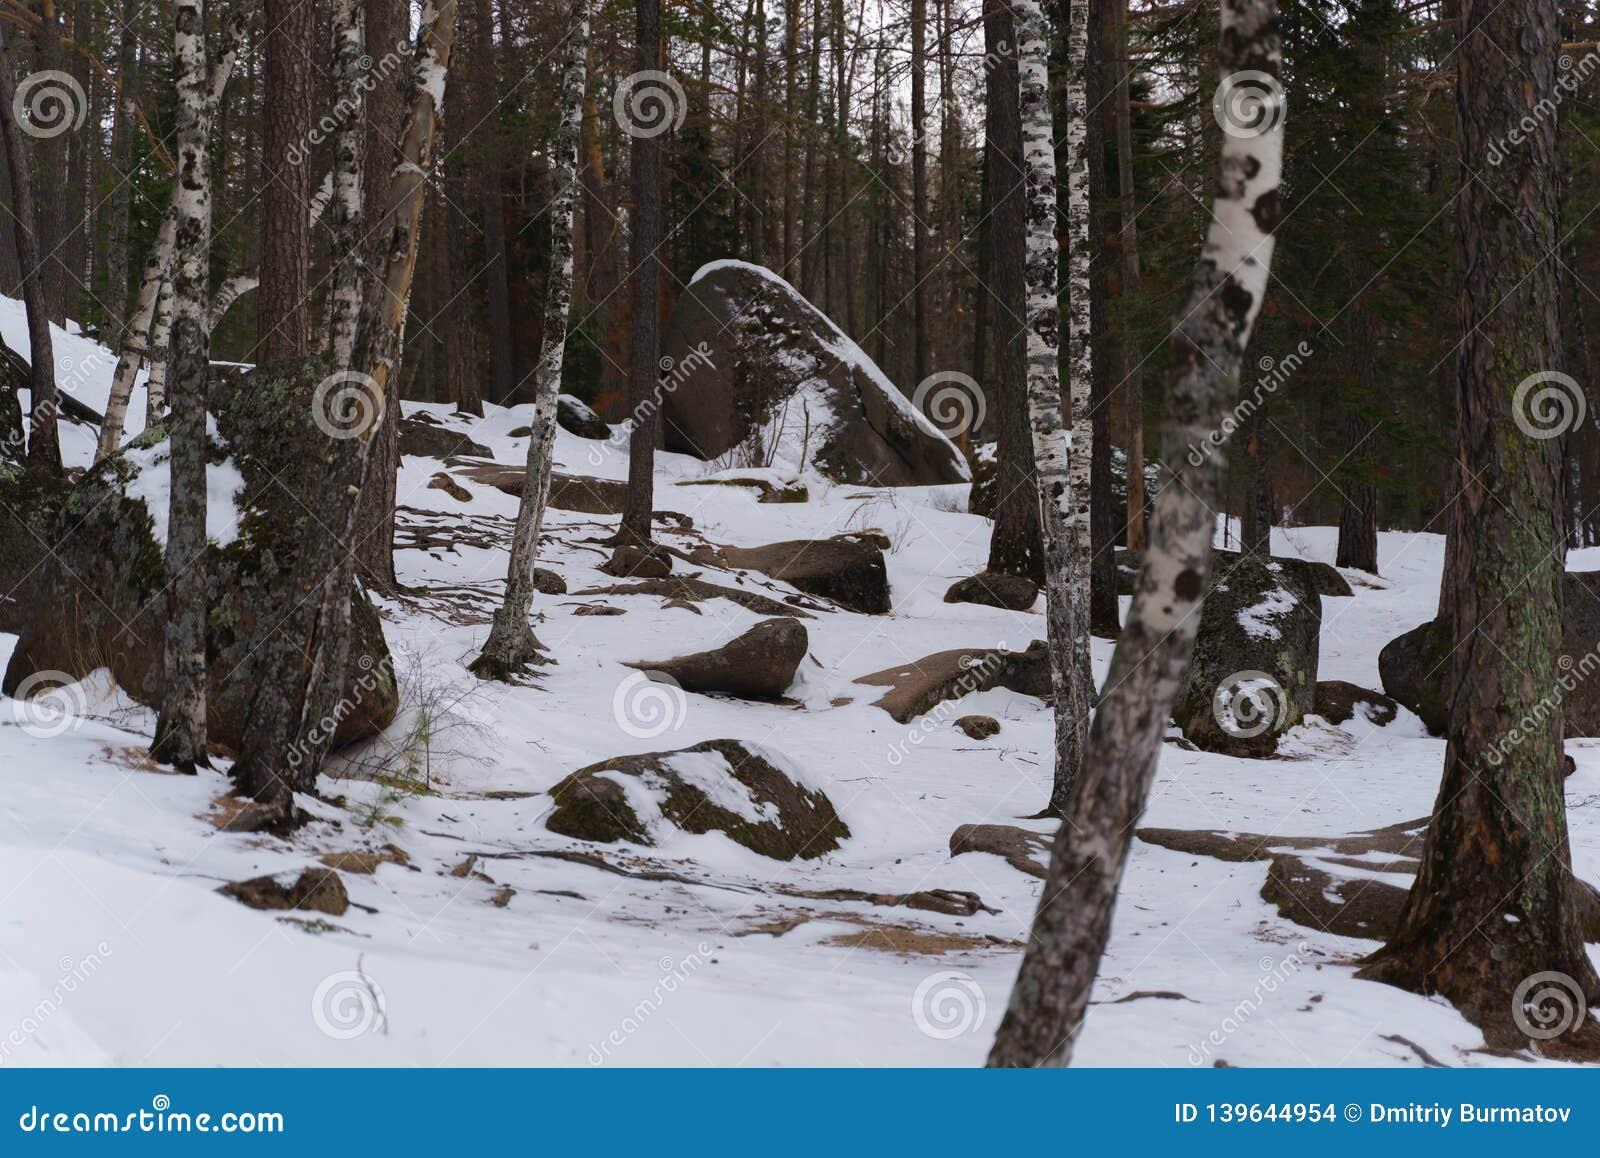 Огромные валуны и камни в середине снежного леса